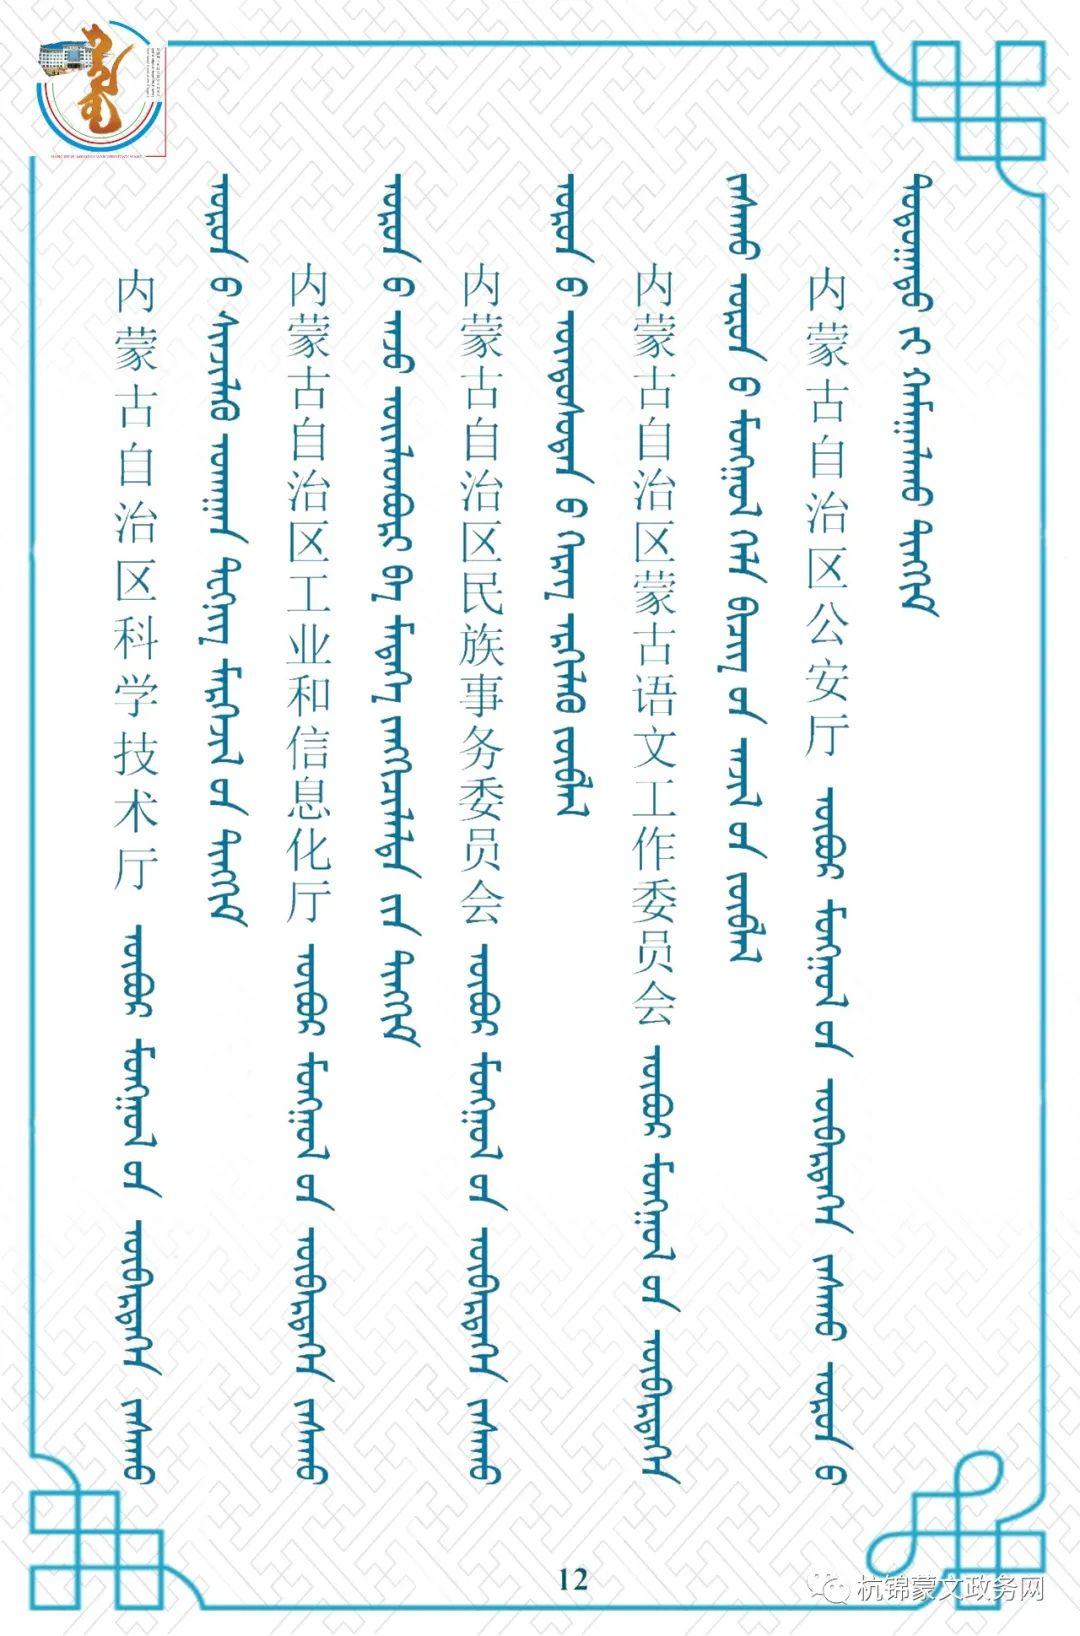 内蒙古自治区委员会机构设置蒙汉对照 第12张 内蒙古自治区委员会机构设置蒙汉对照 蒙古文库